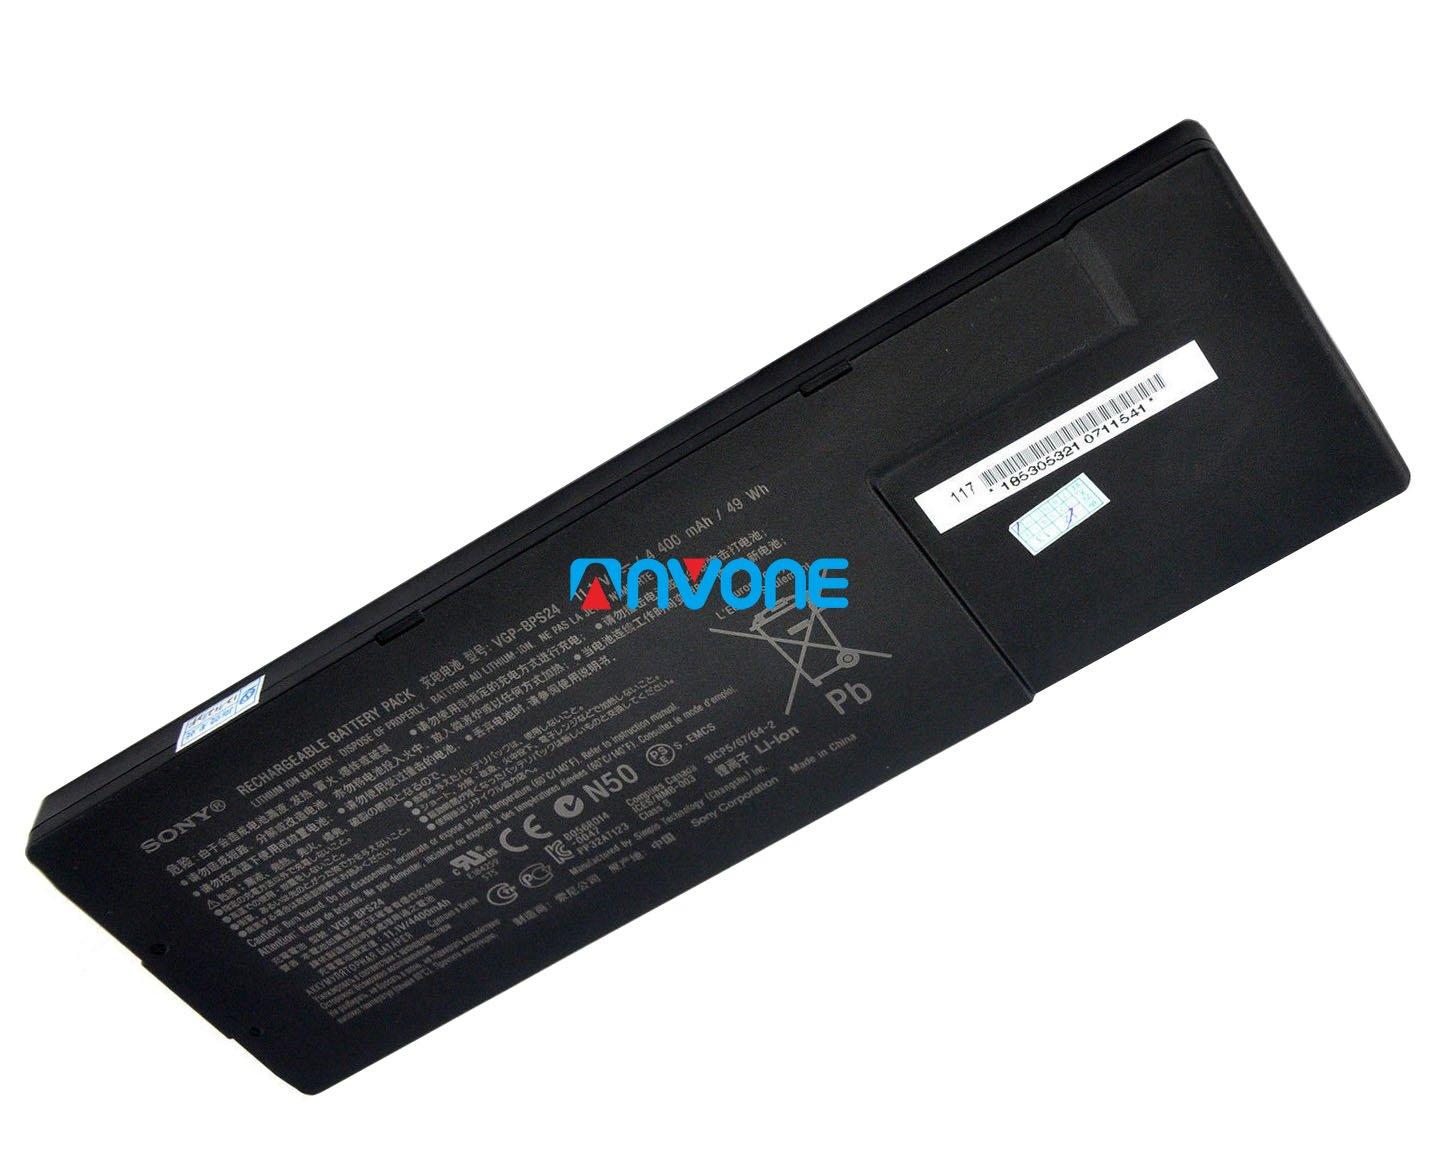 VGP-BPS24 Genuine Sony VAIO VPC-SB36FW/B VPC-SB36FW/P VPC-SB36FW/W VPC-SB37GA/B Battery